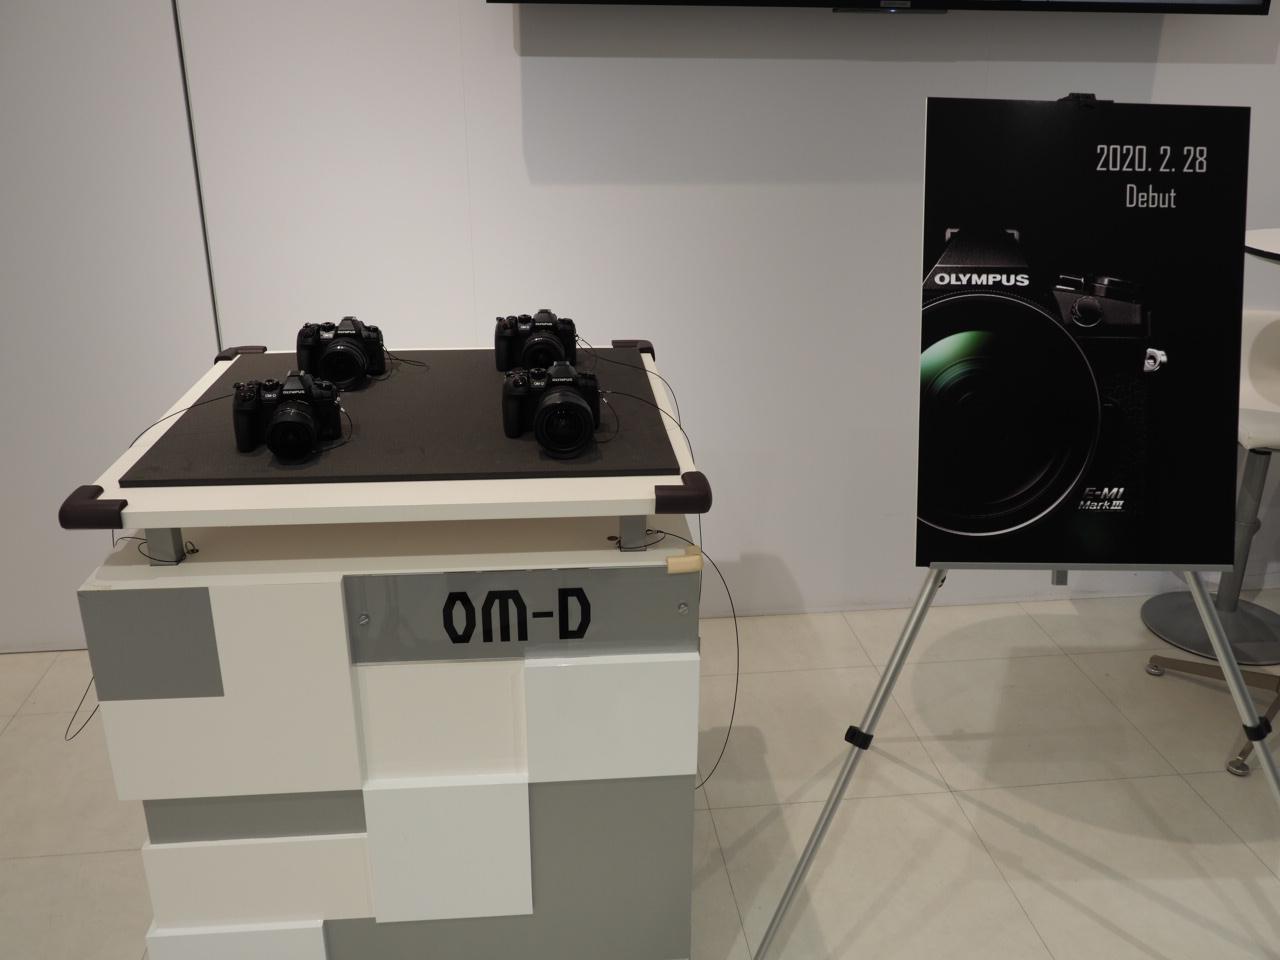 画像2: 発表になったばかりのOM-D E-M1 Mark IIIを触れます!